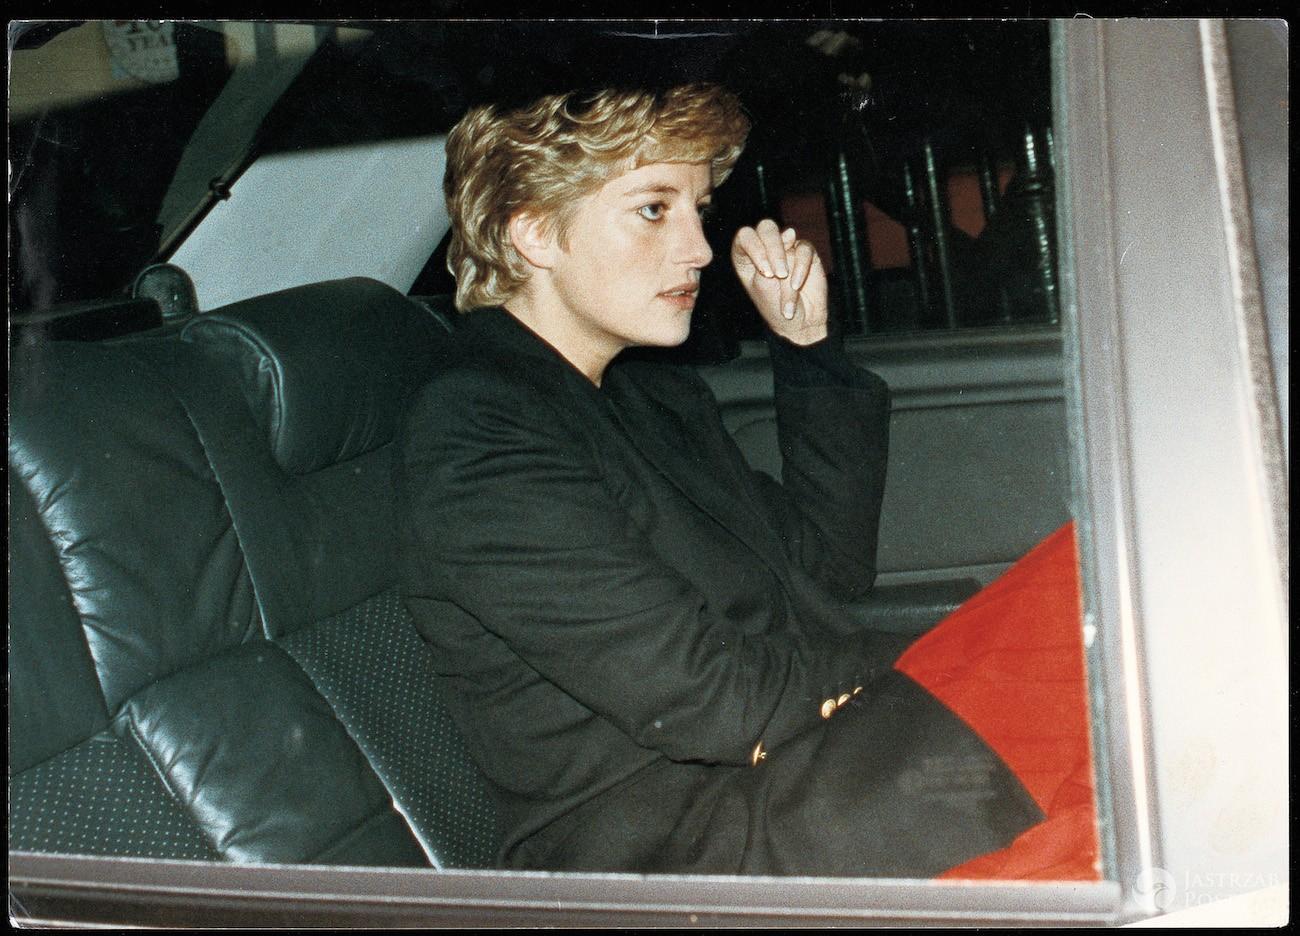 Księżna Diana miała bulimię?